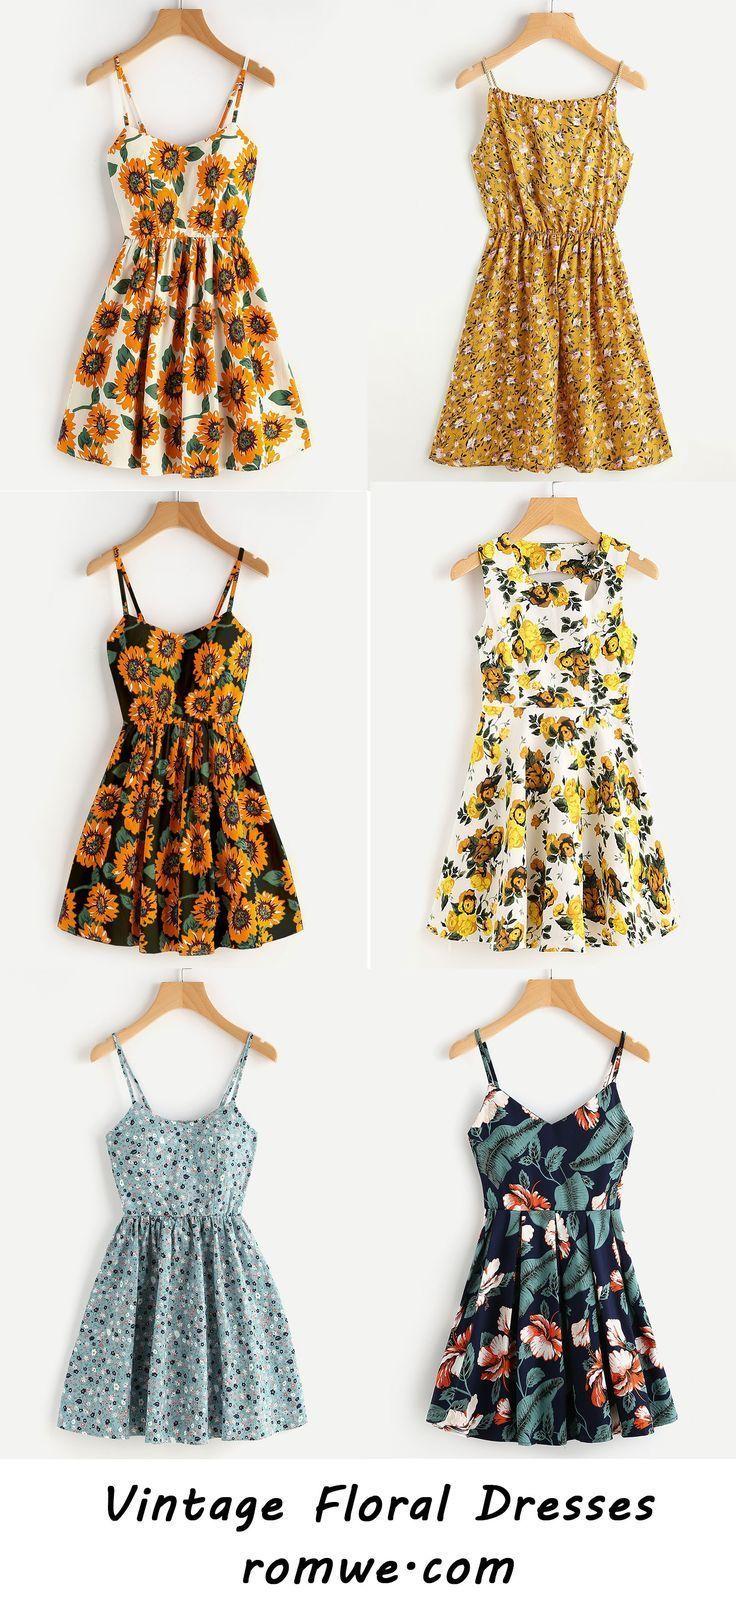 Blumenkleider mit weichem Material, speziellem Design und Vintage-Muster aus ... #flowerdresses